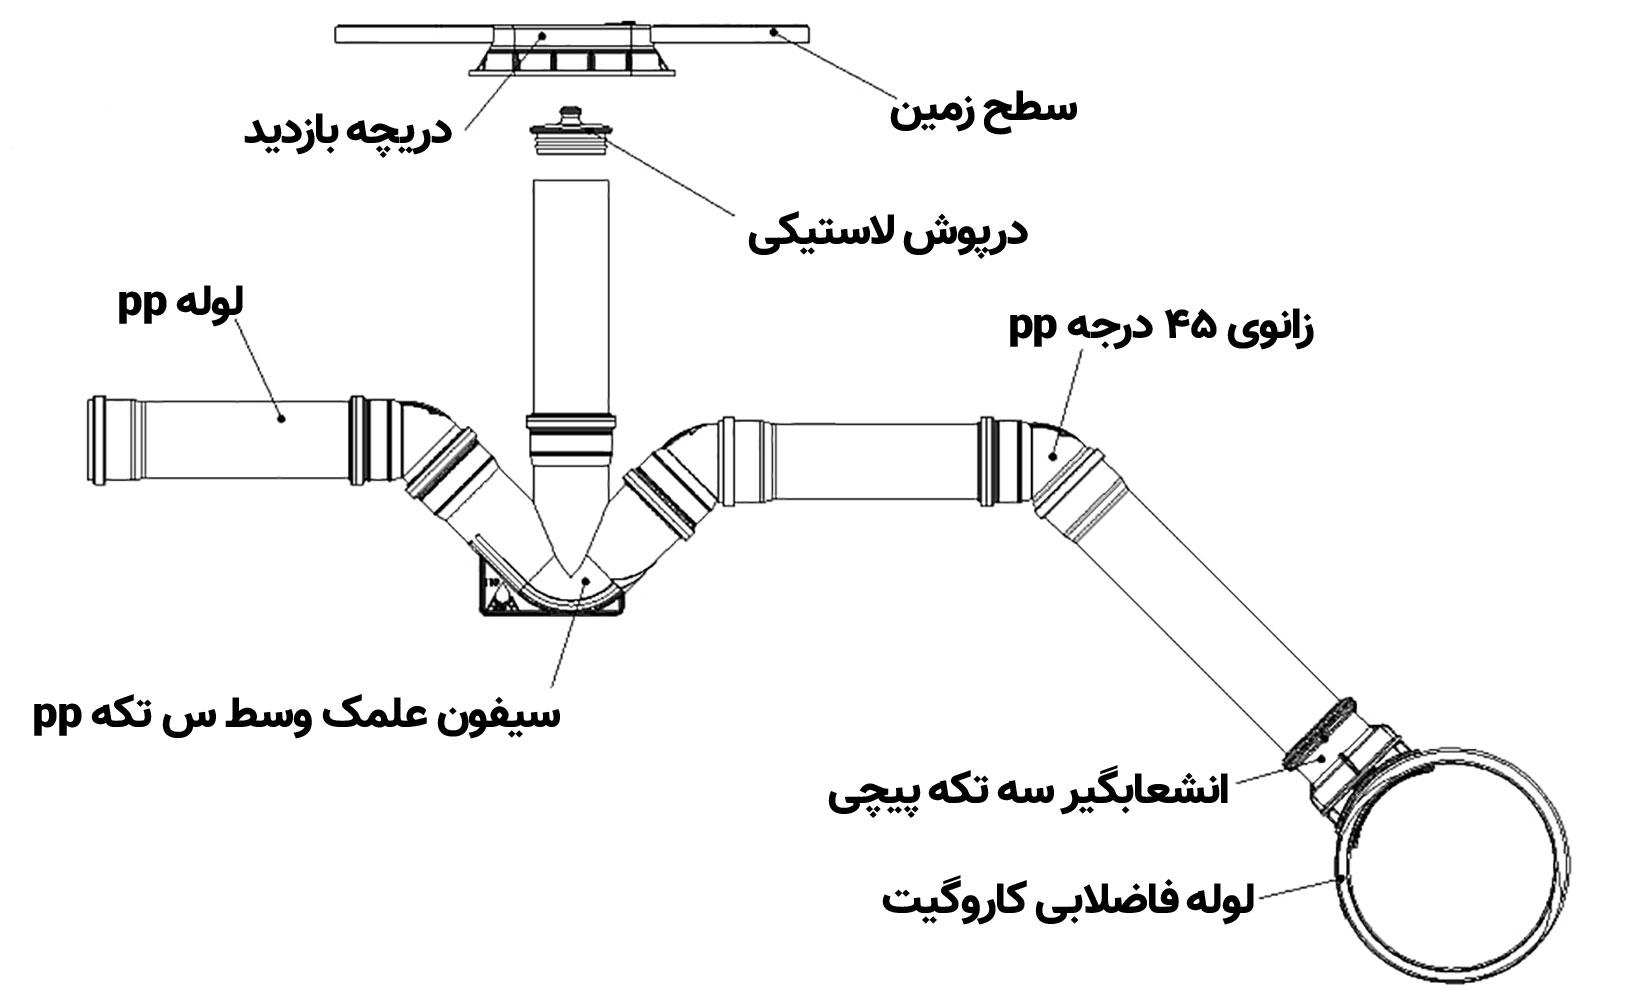 ساختار انشعاب فاضلاب